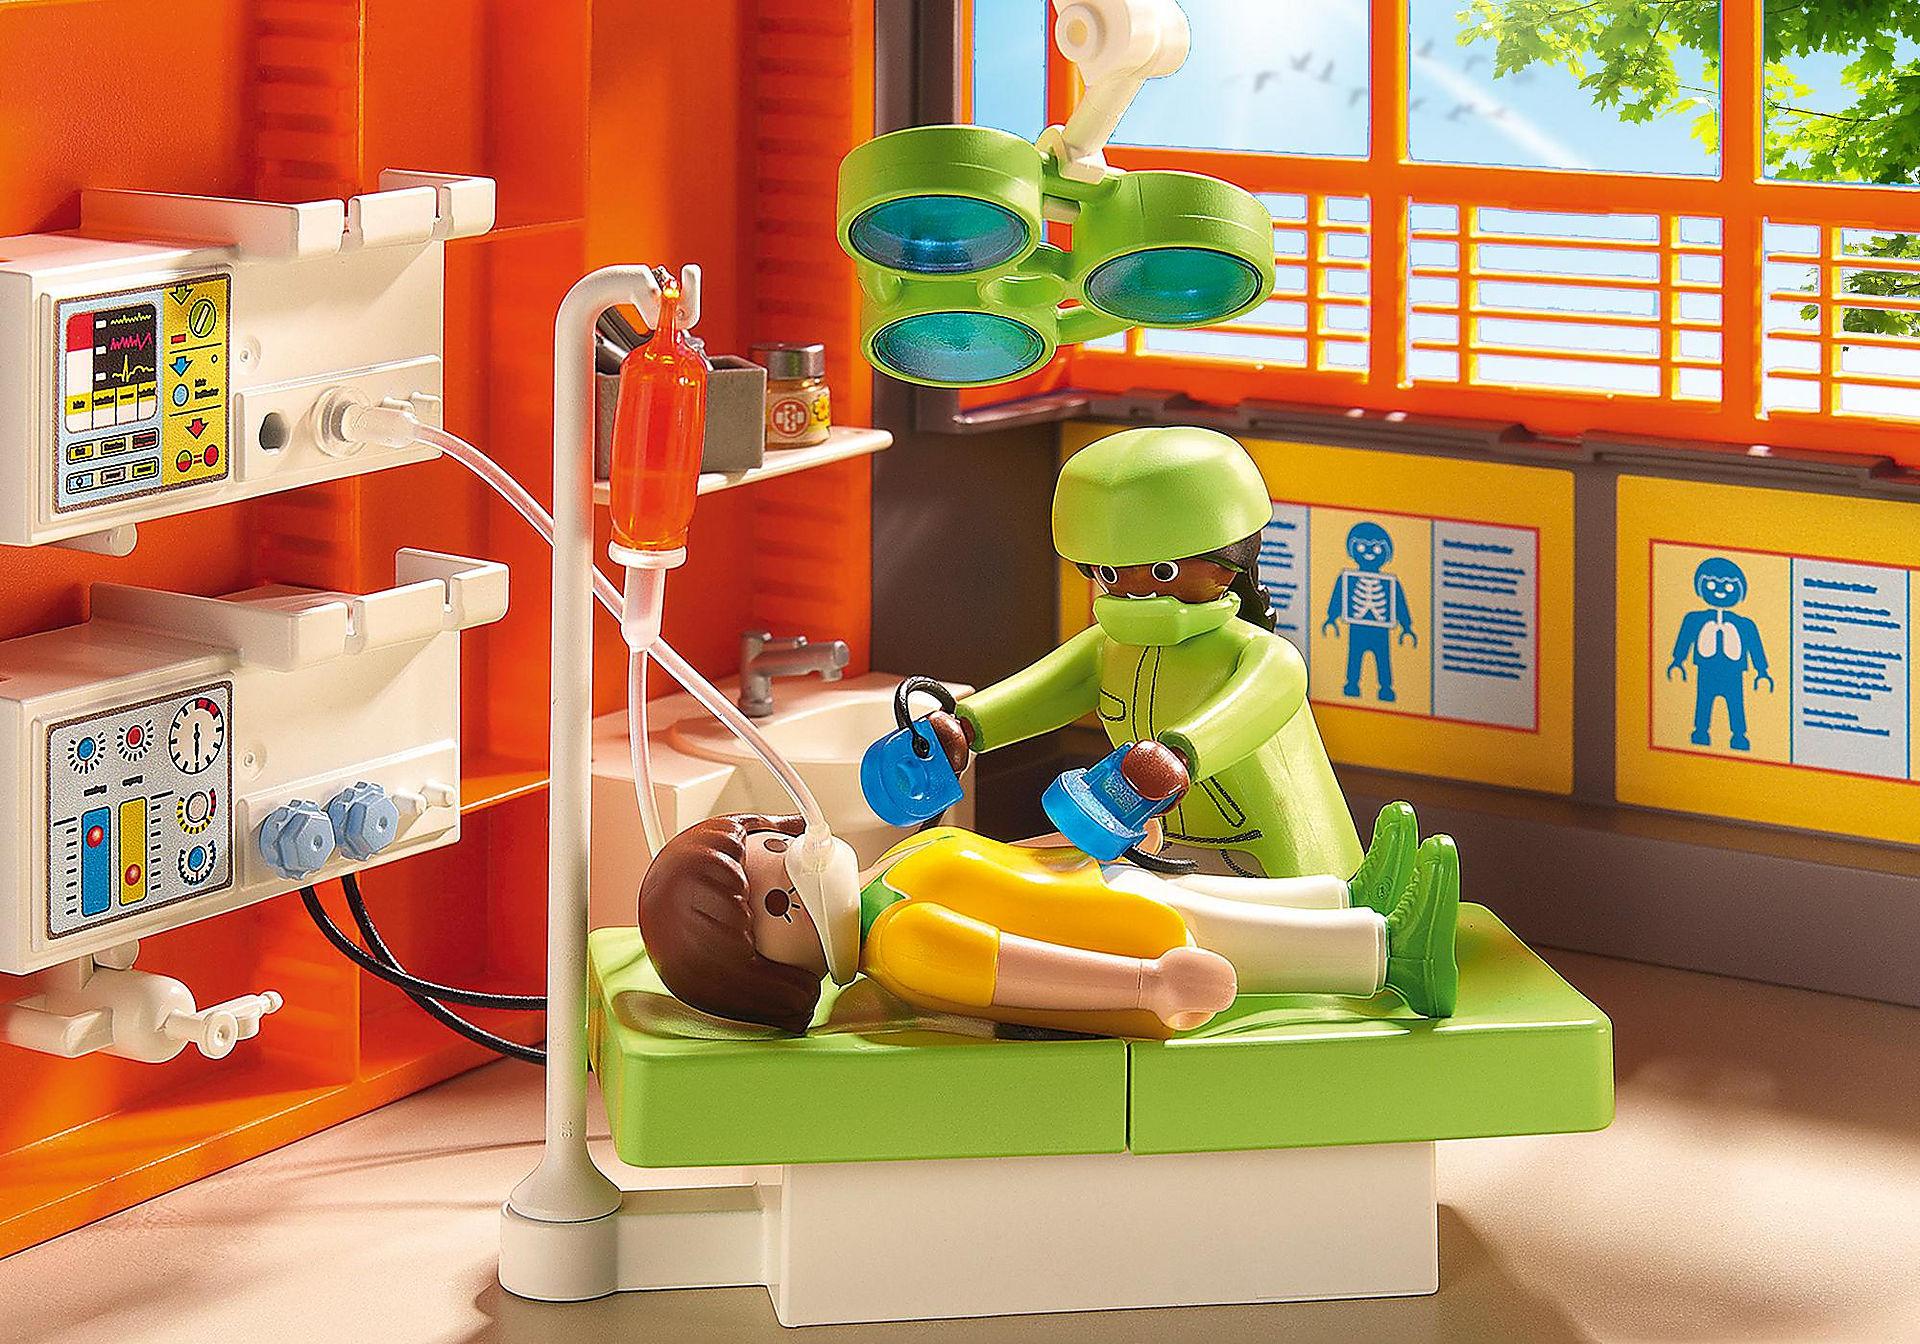 http://media.playmobil.com/i/playmobil/6657_product_extra1/Barnsjukhus med utrustning